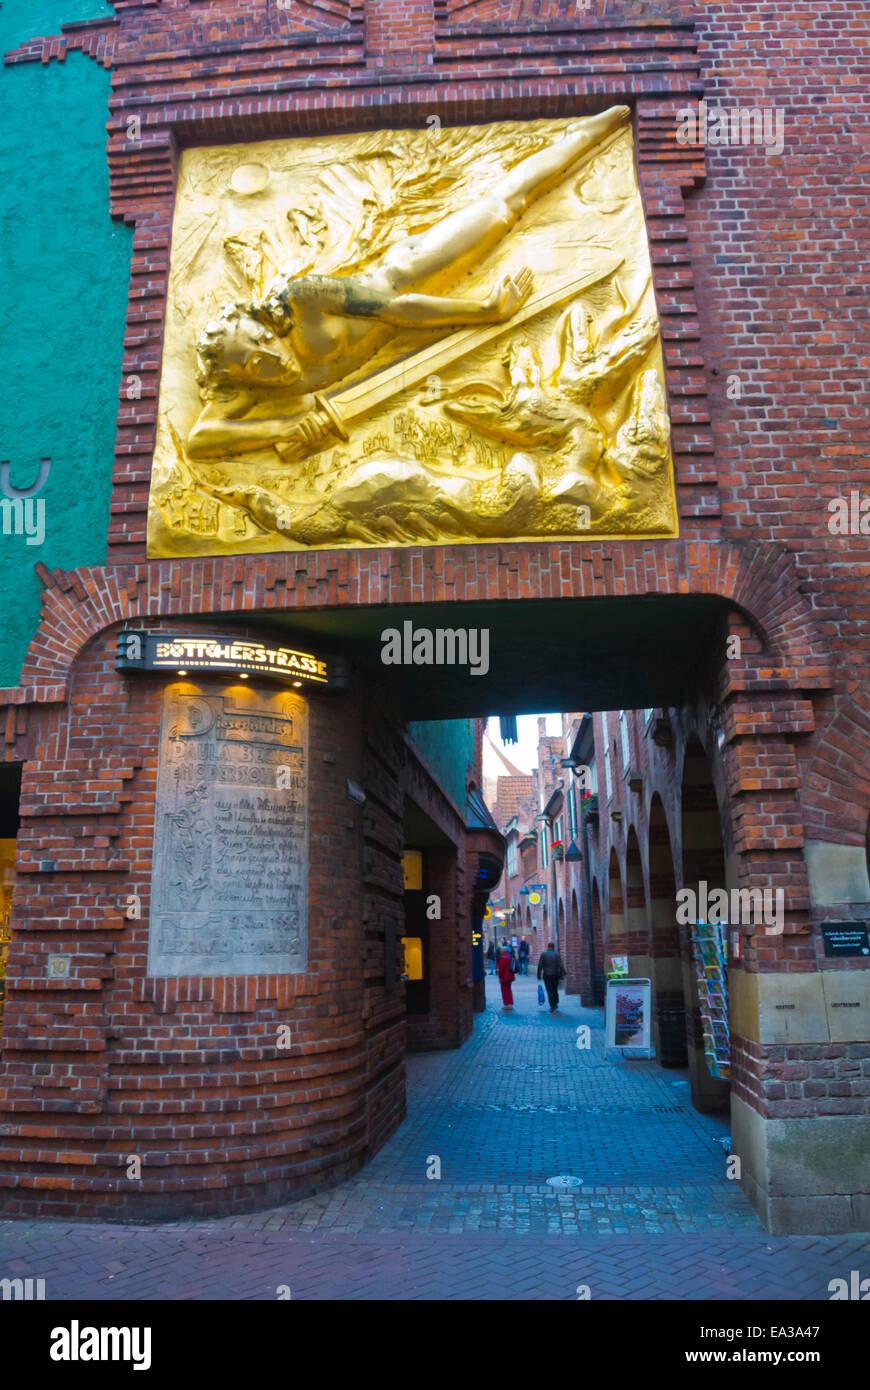 Böttcherstrasse Straße, Altstadt, Altstadt, Bremen, Deutschland Stockbild